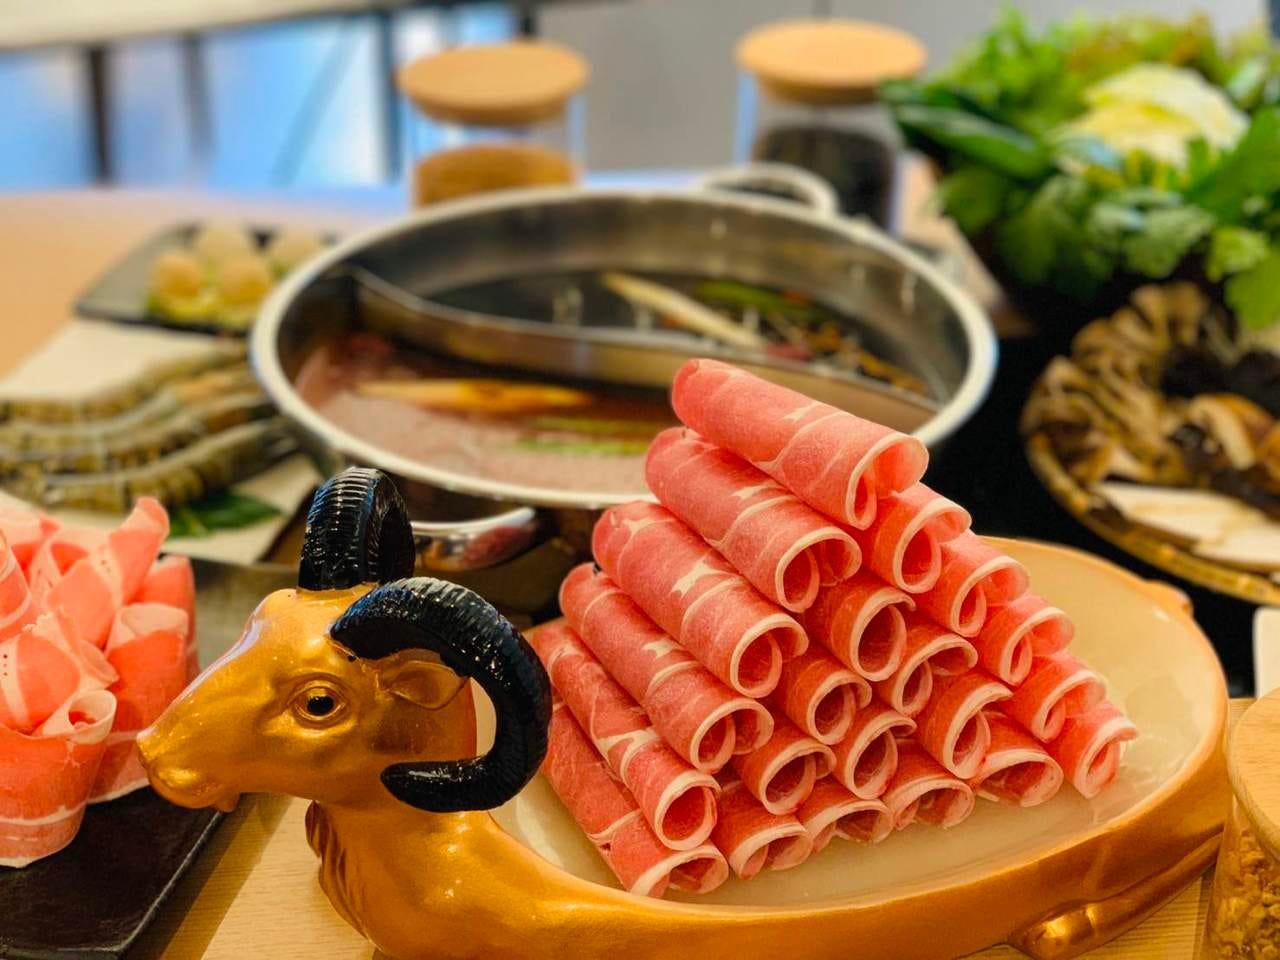 モンゴル薬膳鍋 赤坂門店